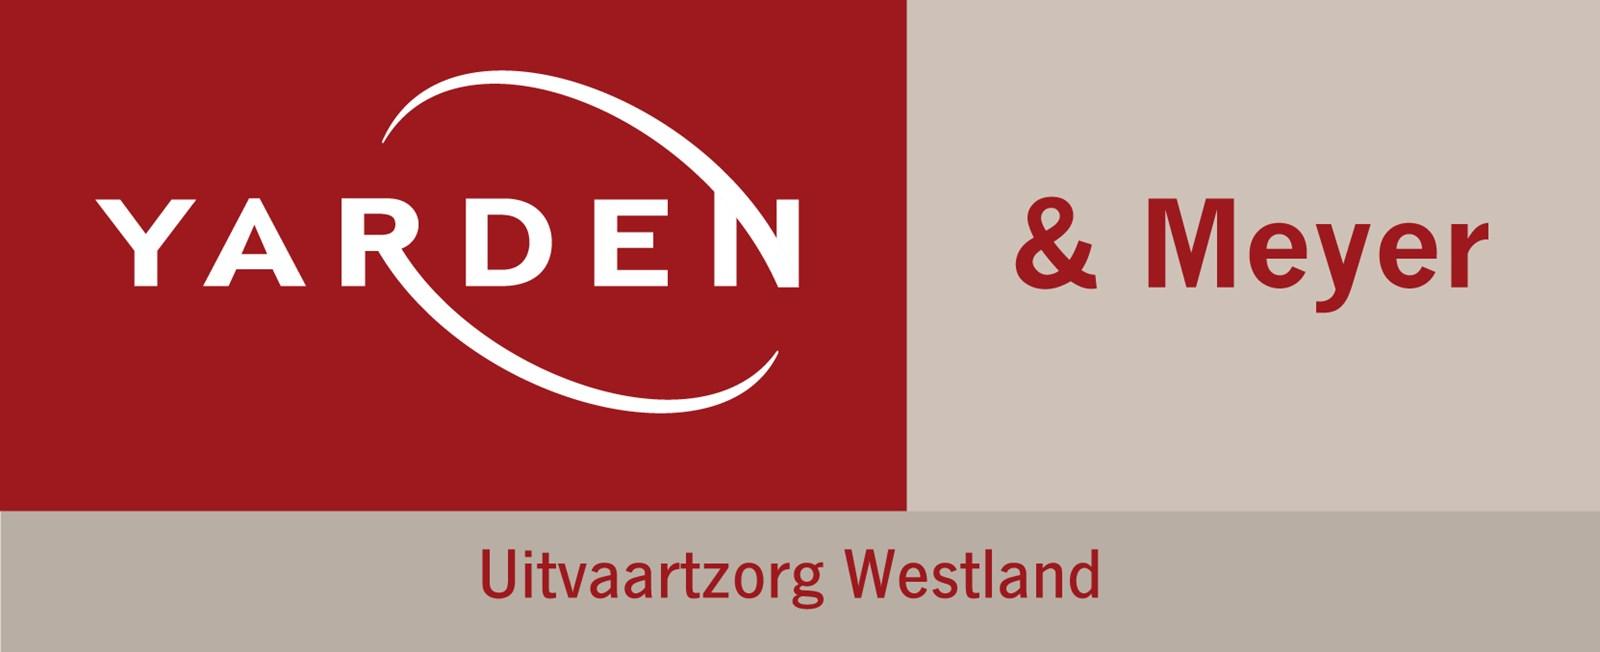 Logo van Yarden & Meyer Uitvaartzorg Westland